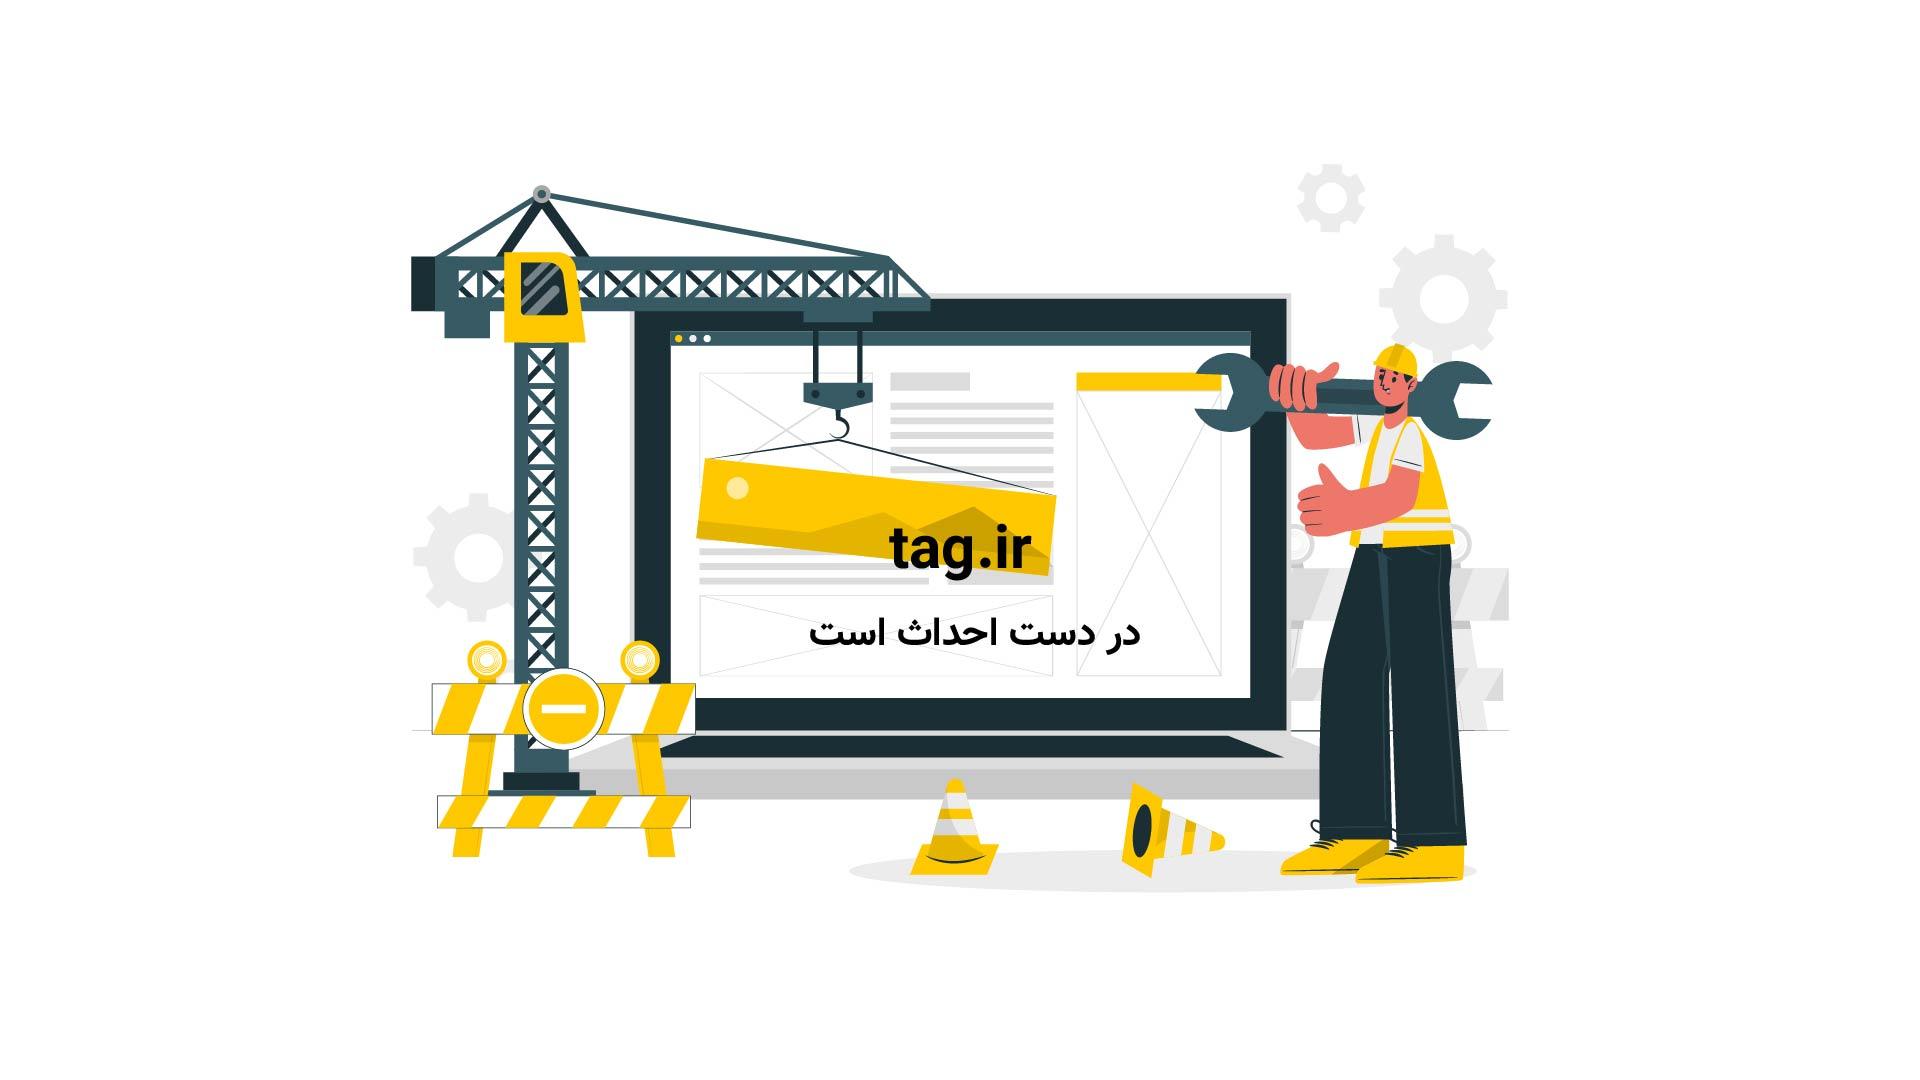 خودروی بمب گذاری شده | تگ